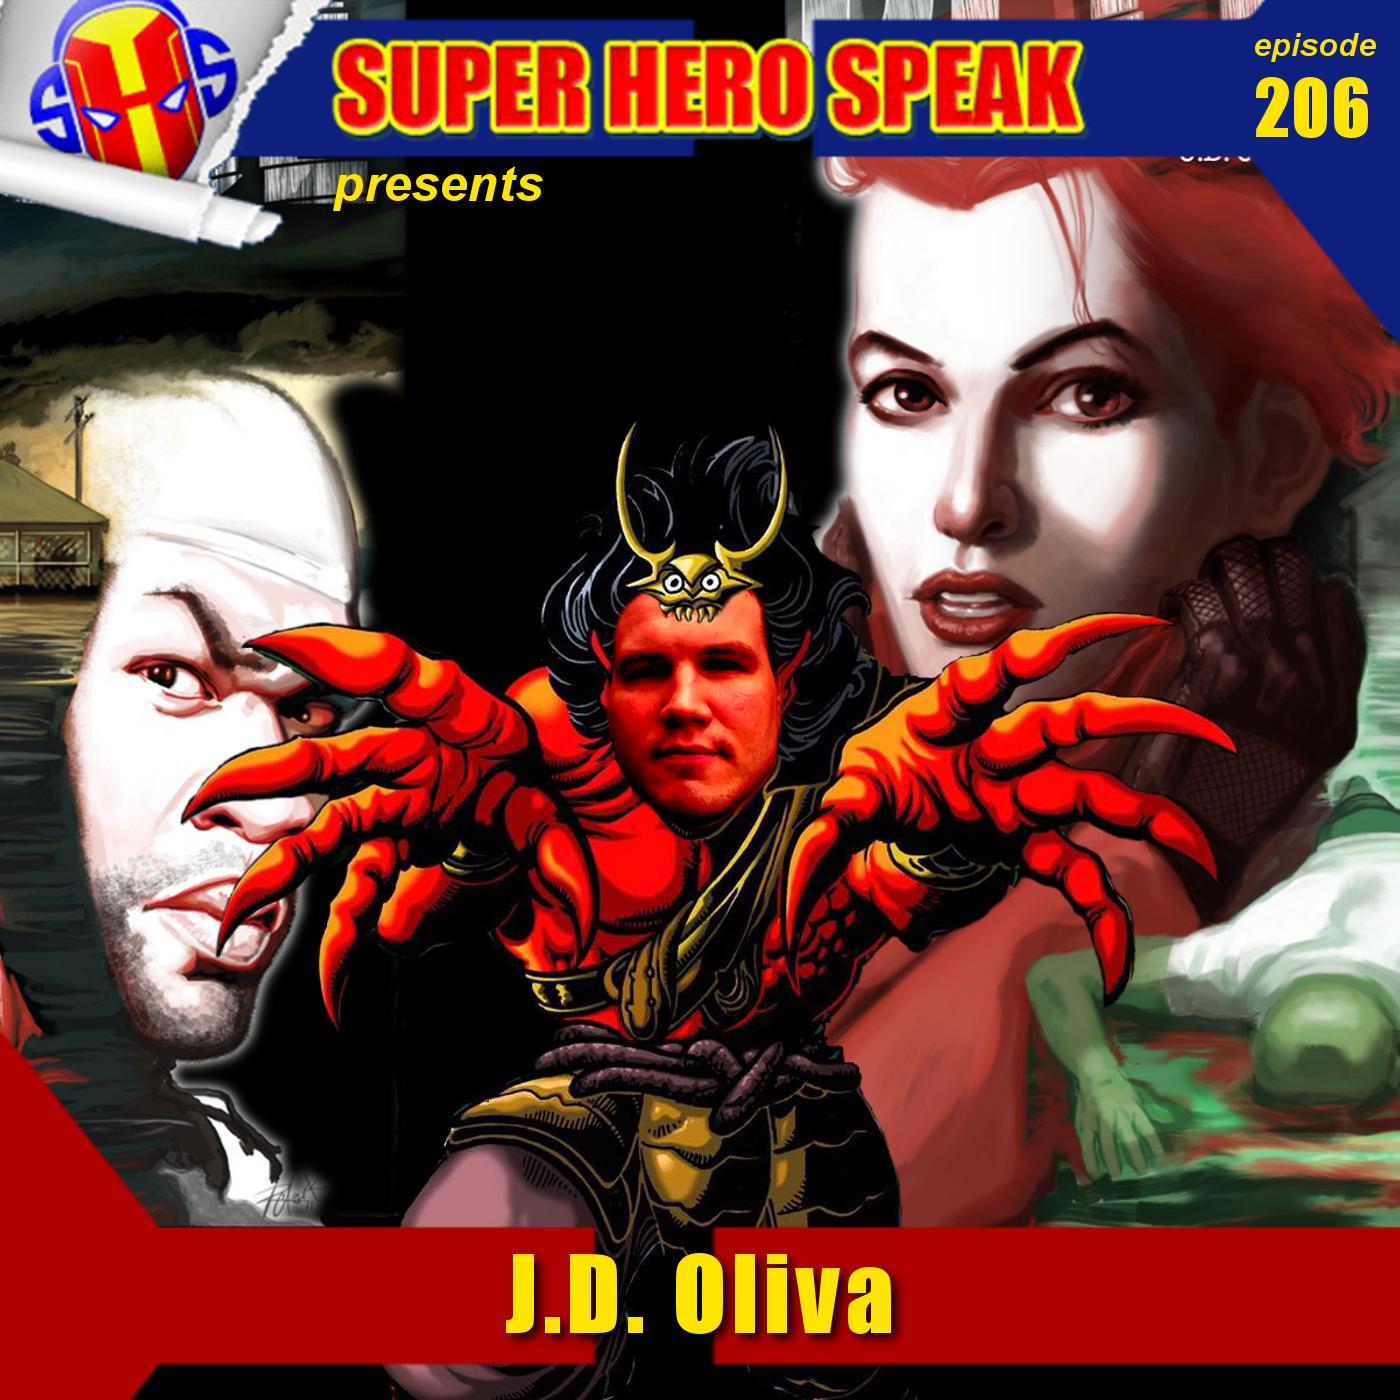 #206: J.D. Oliva